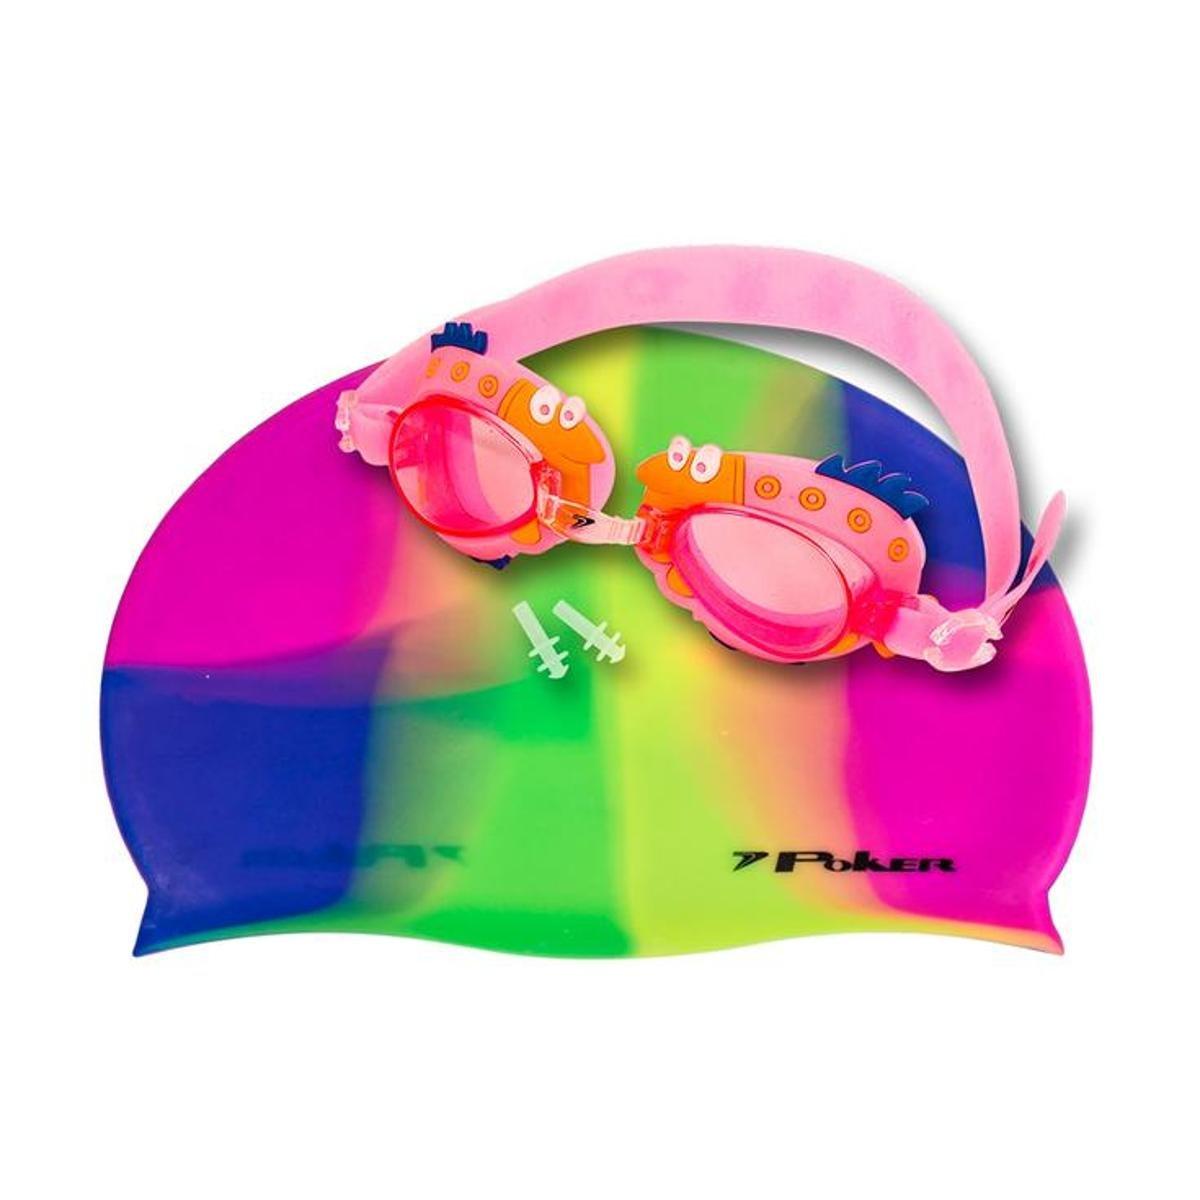 9d90cded5 Kit Óculos + Touca + Protetor de Ouvido de Natação Infantil Poker Cartoons  - Rosa